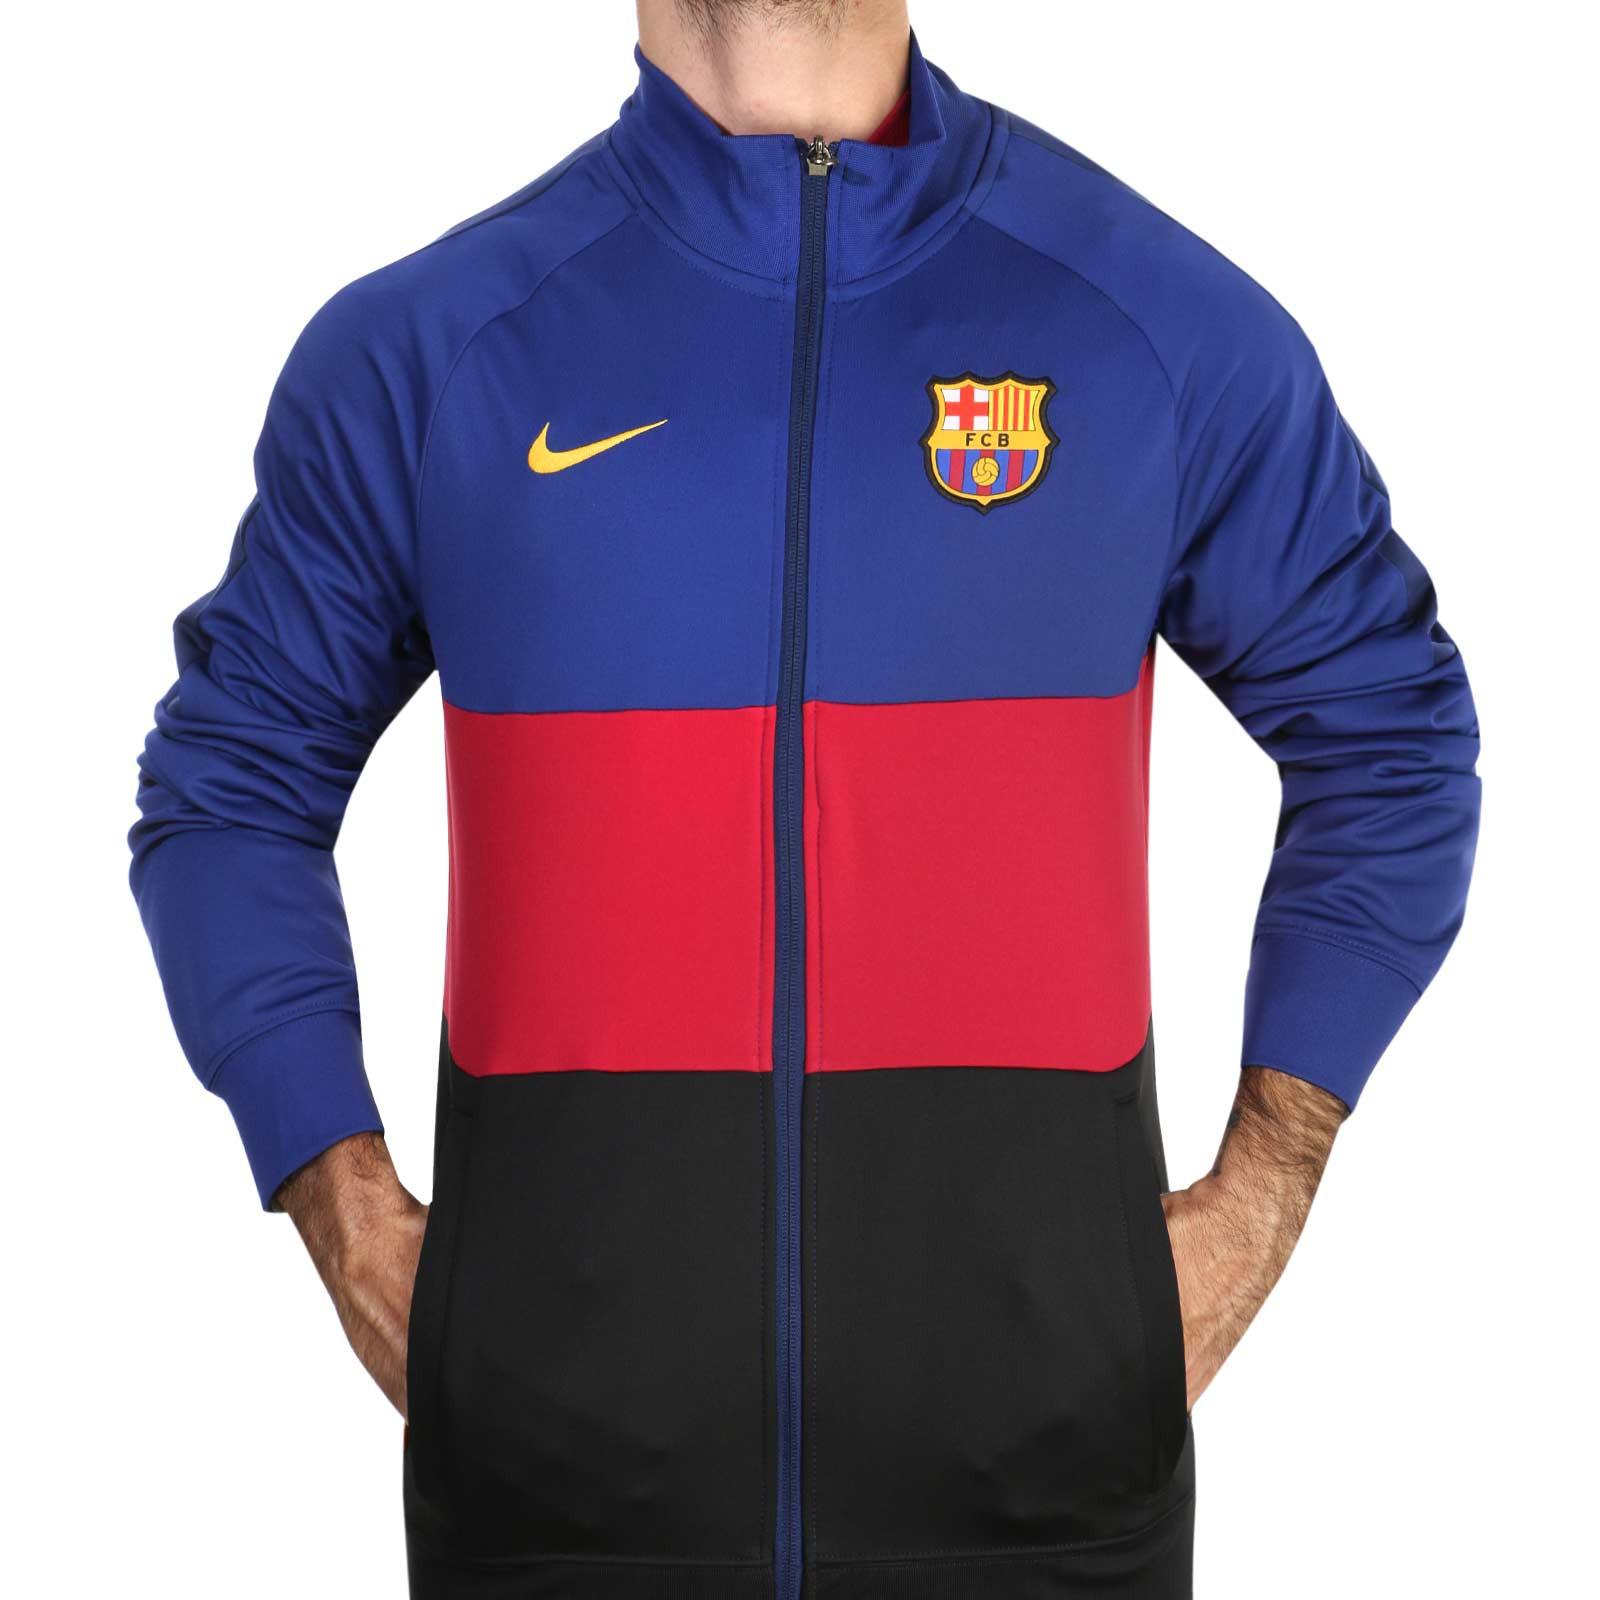 Química en cualquier sitio Selección conjunta  Chaqueta Nike Barcelona I96 himno 2020 2021 | futbolmania